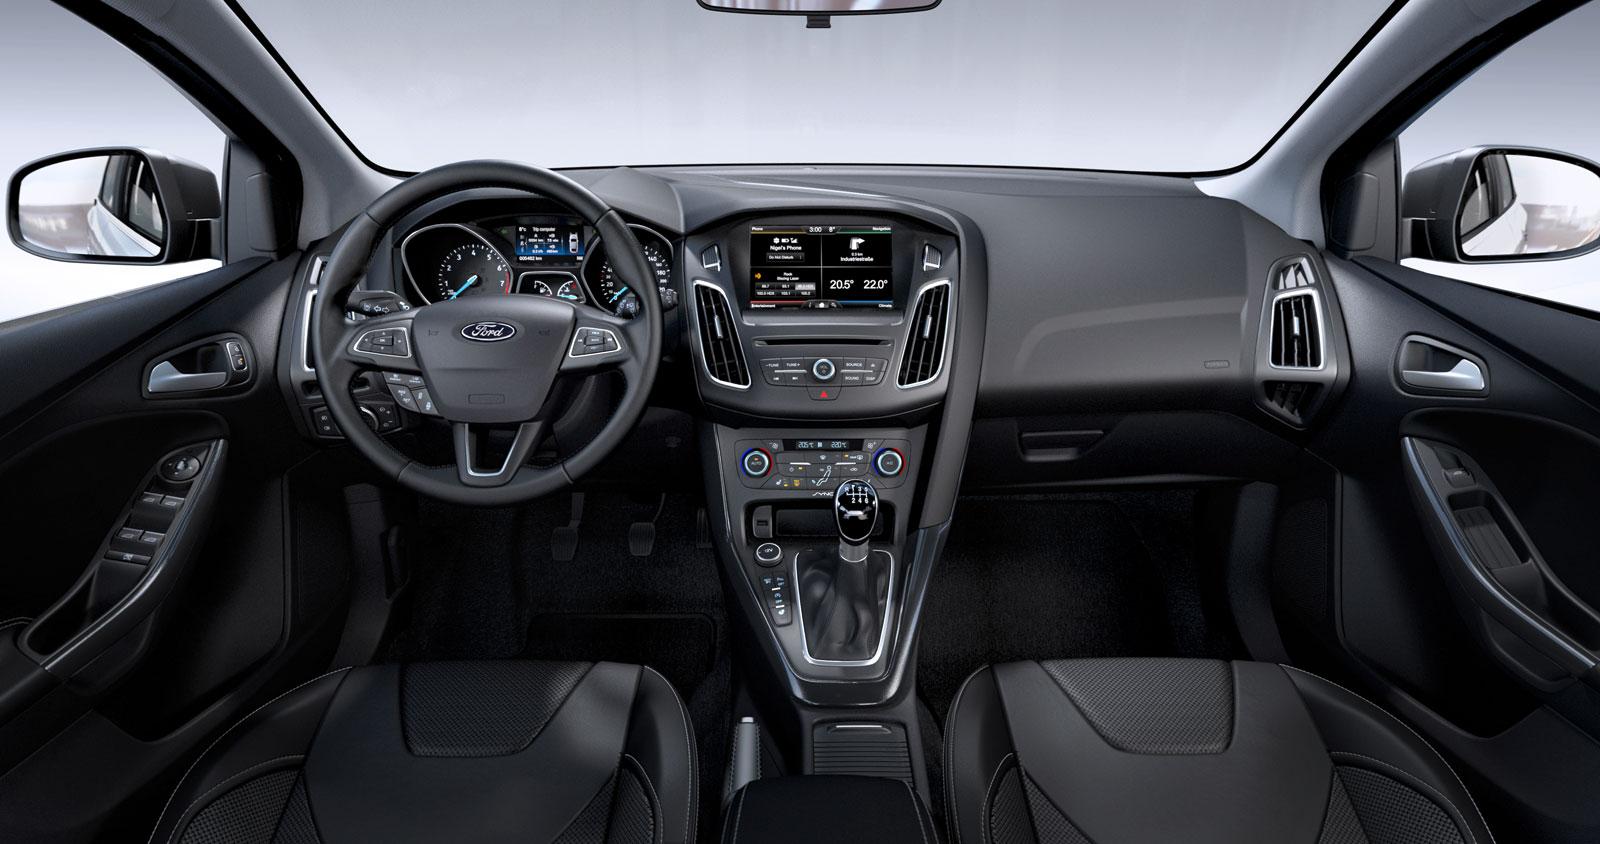 Elegant 2015 Ford Focus Interior Pictures Gallery